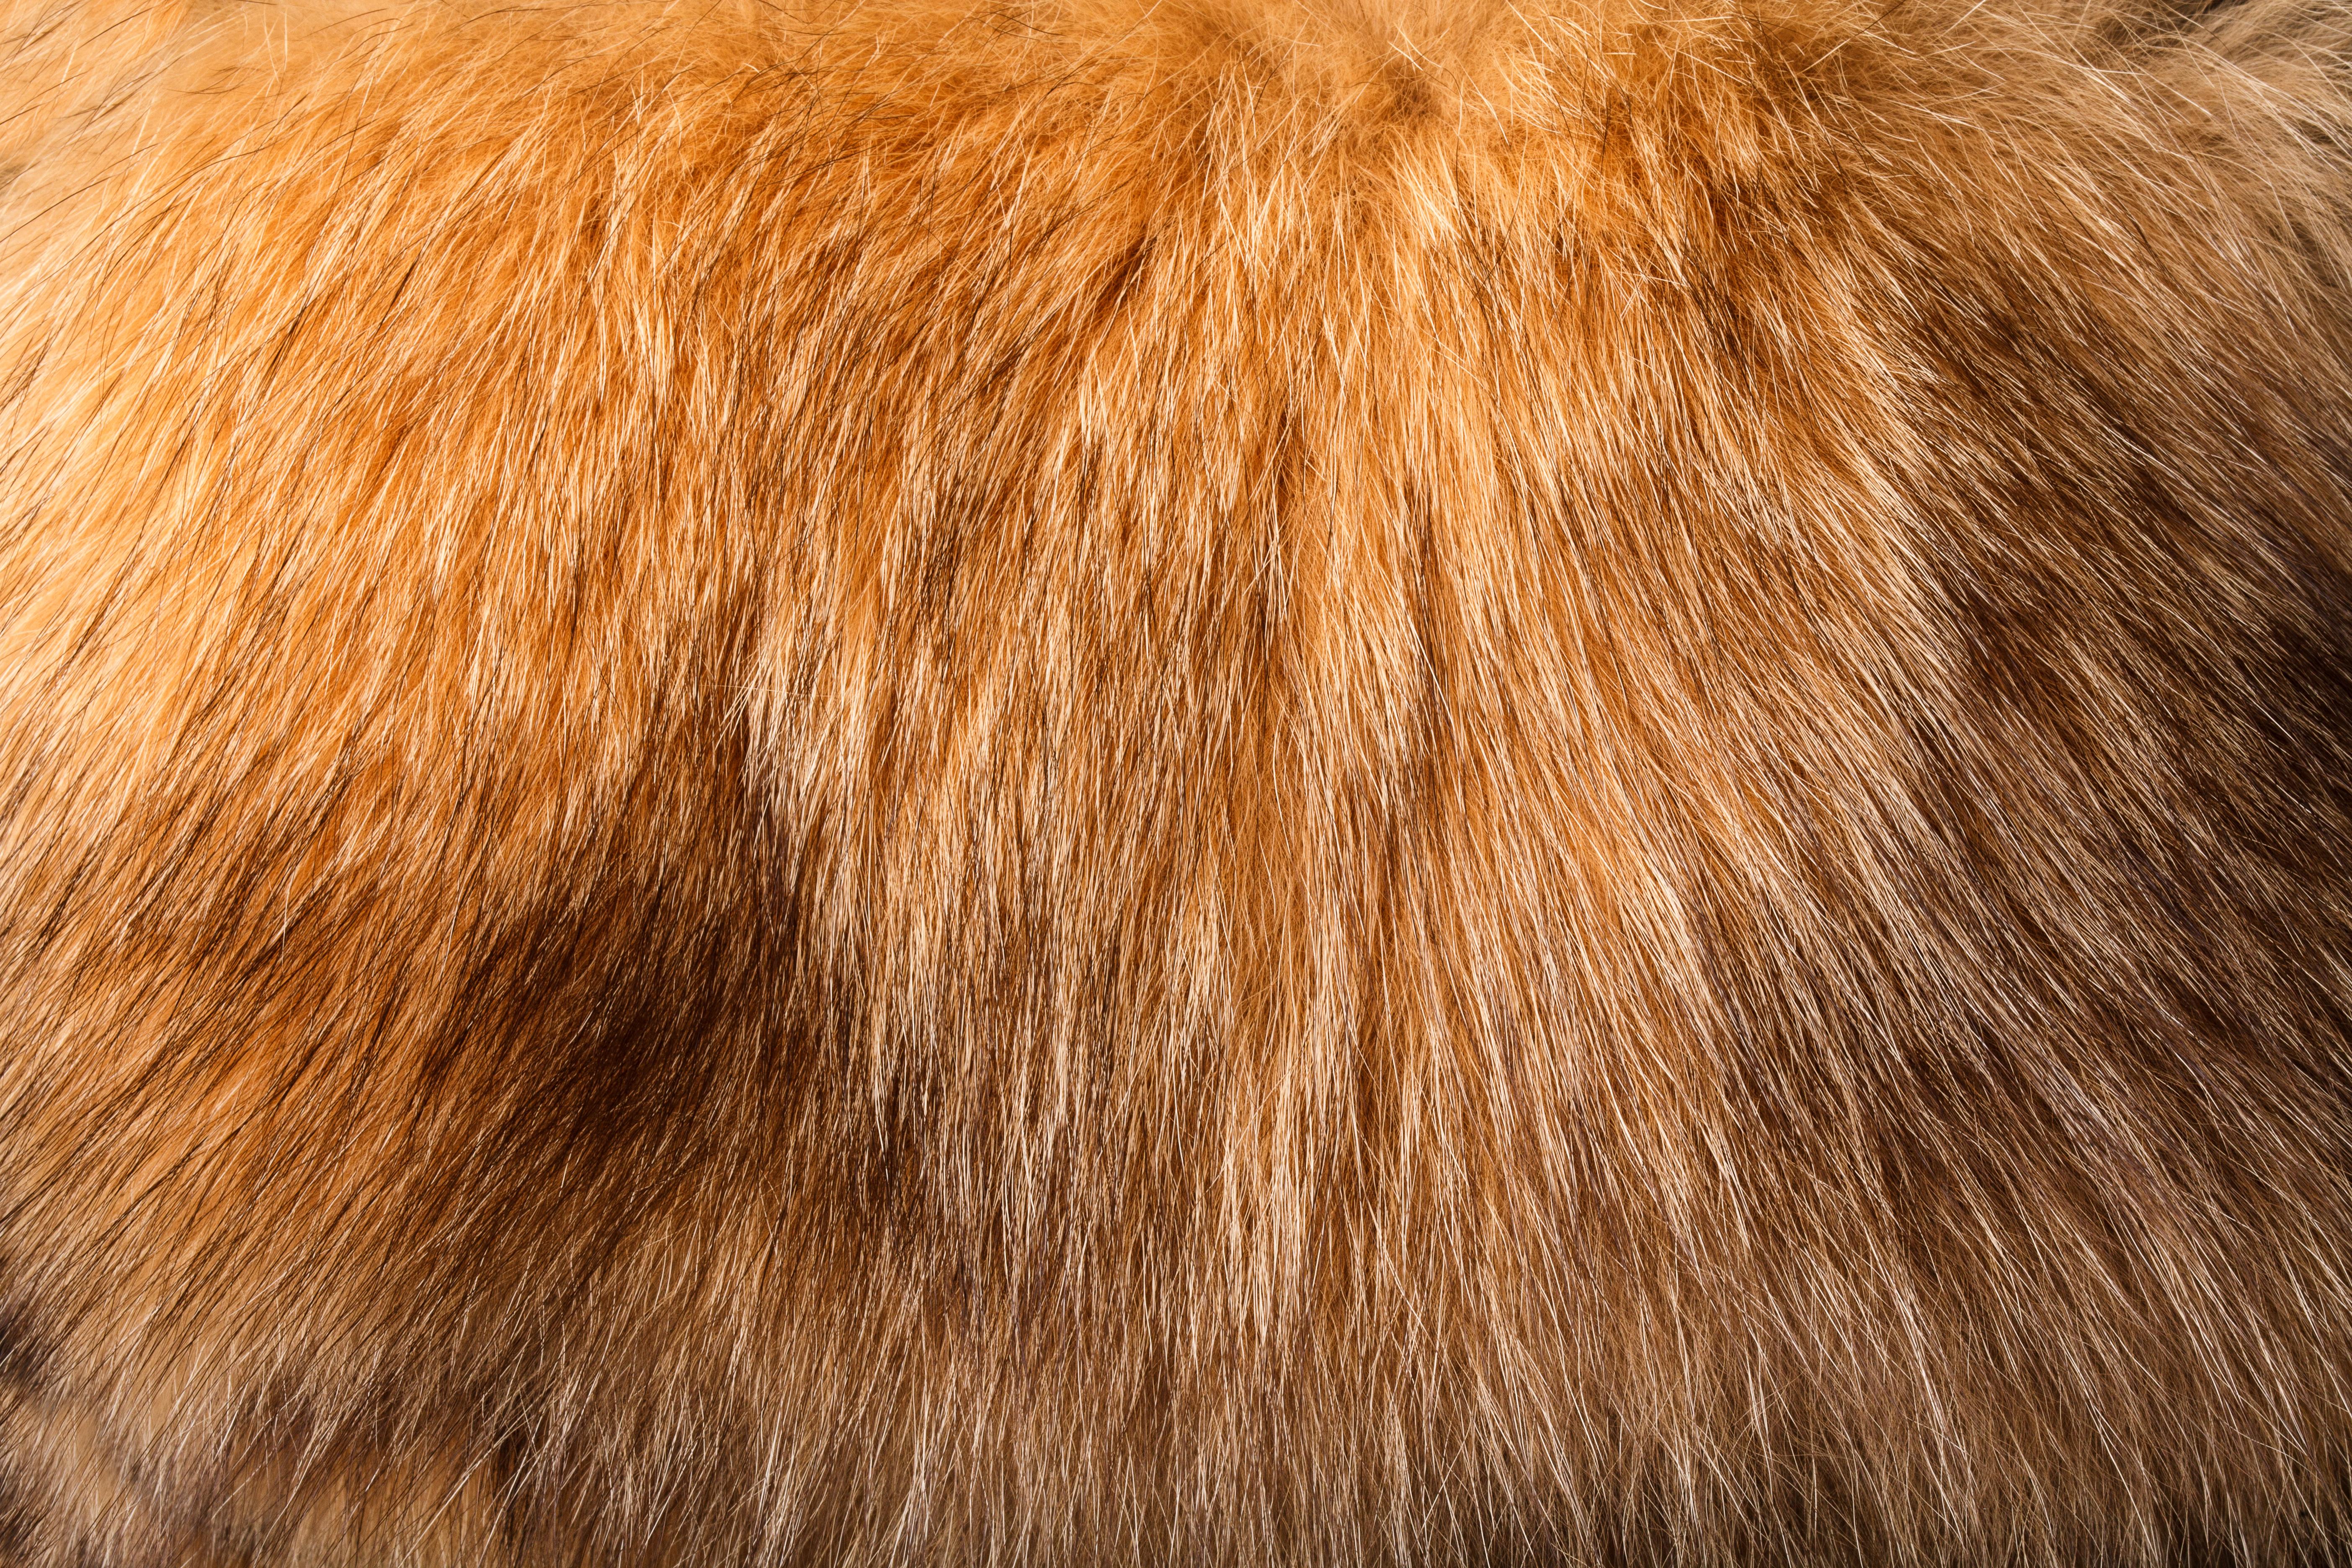 Árulkodó a bunda színe - szerinted milyen állat viseli?